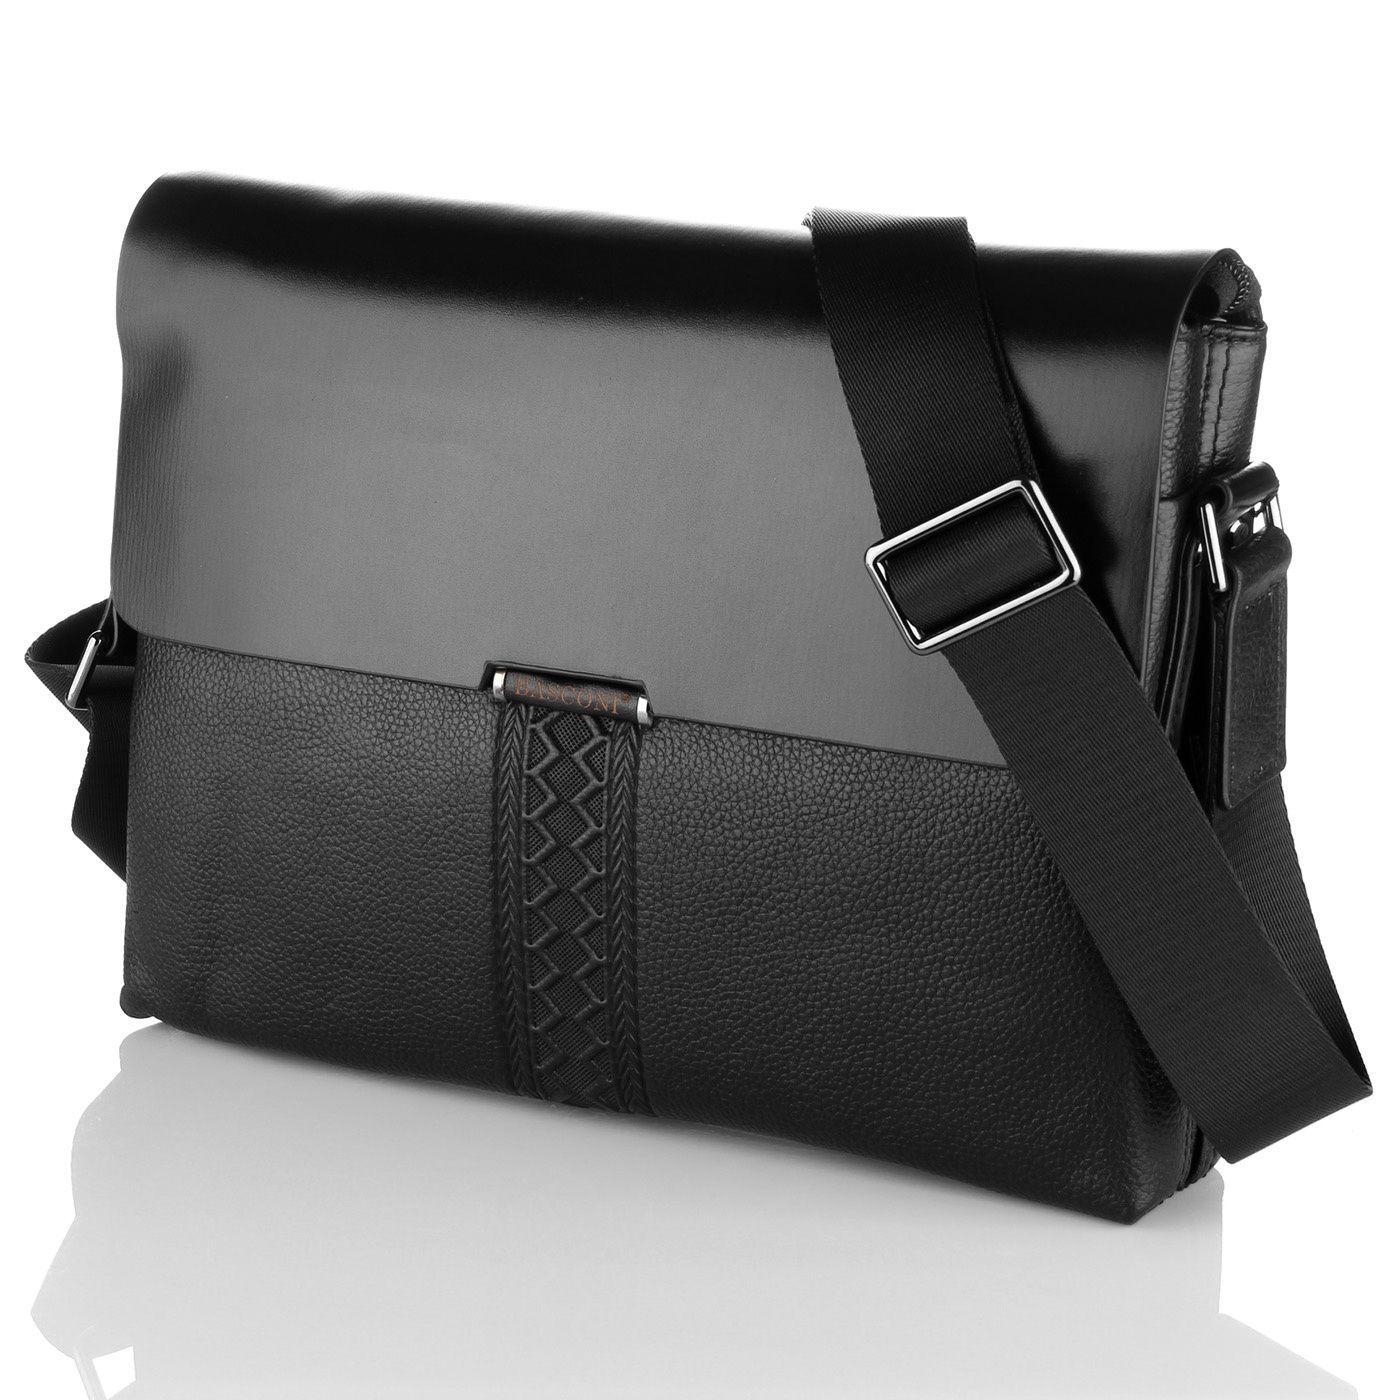 Практичная кожаная мужская сумка